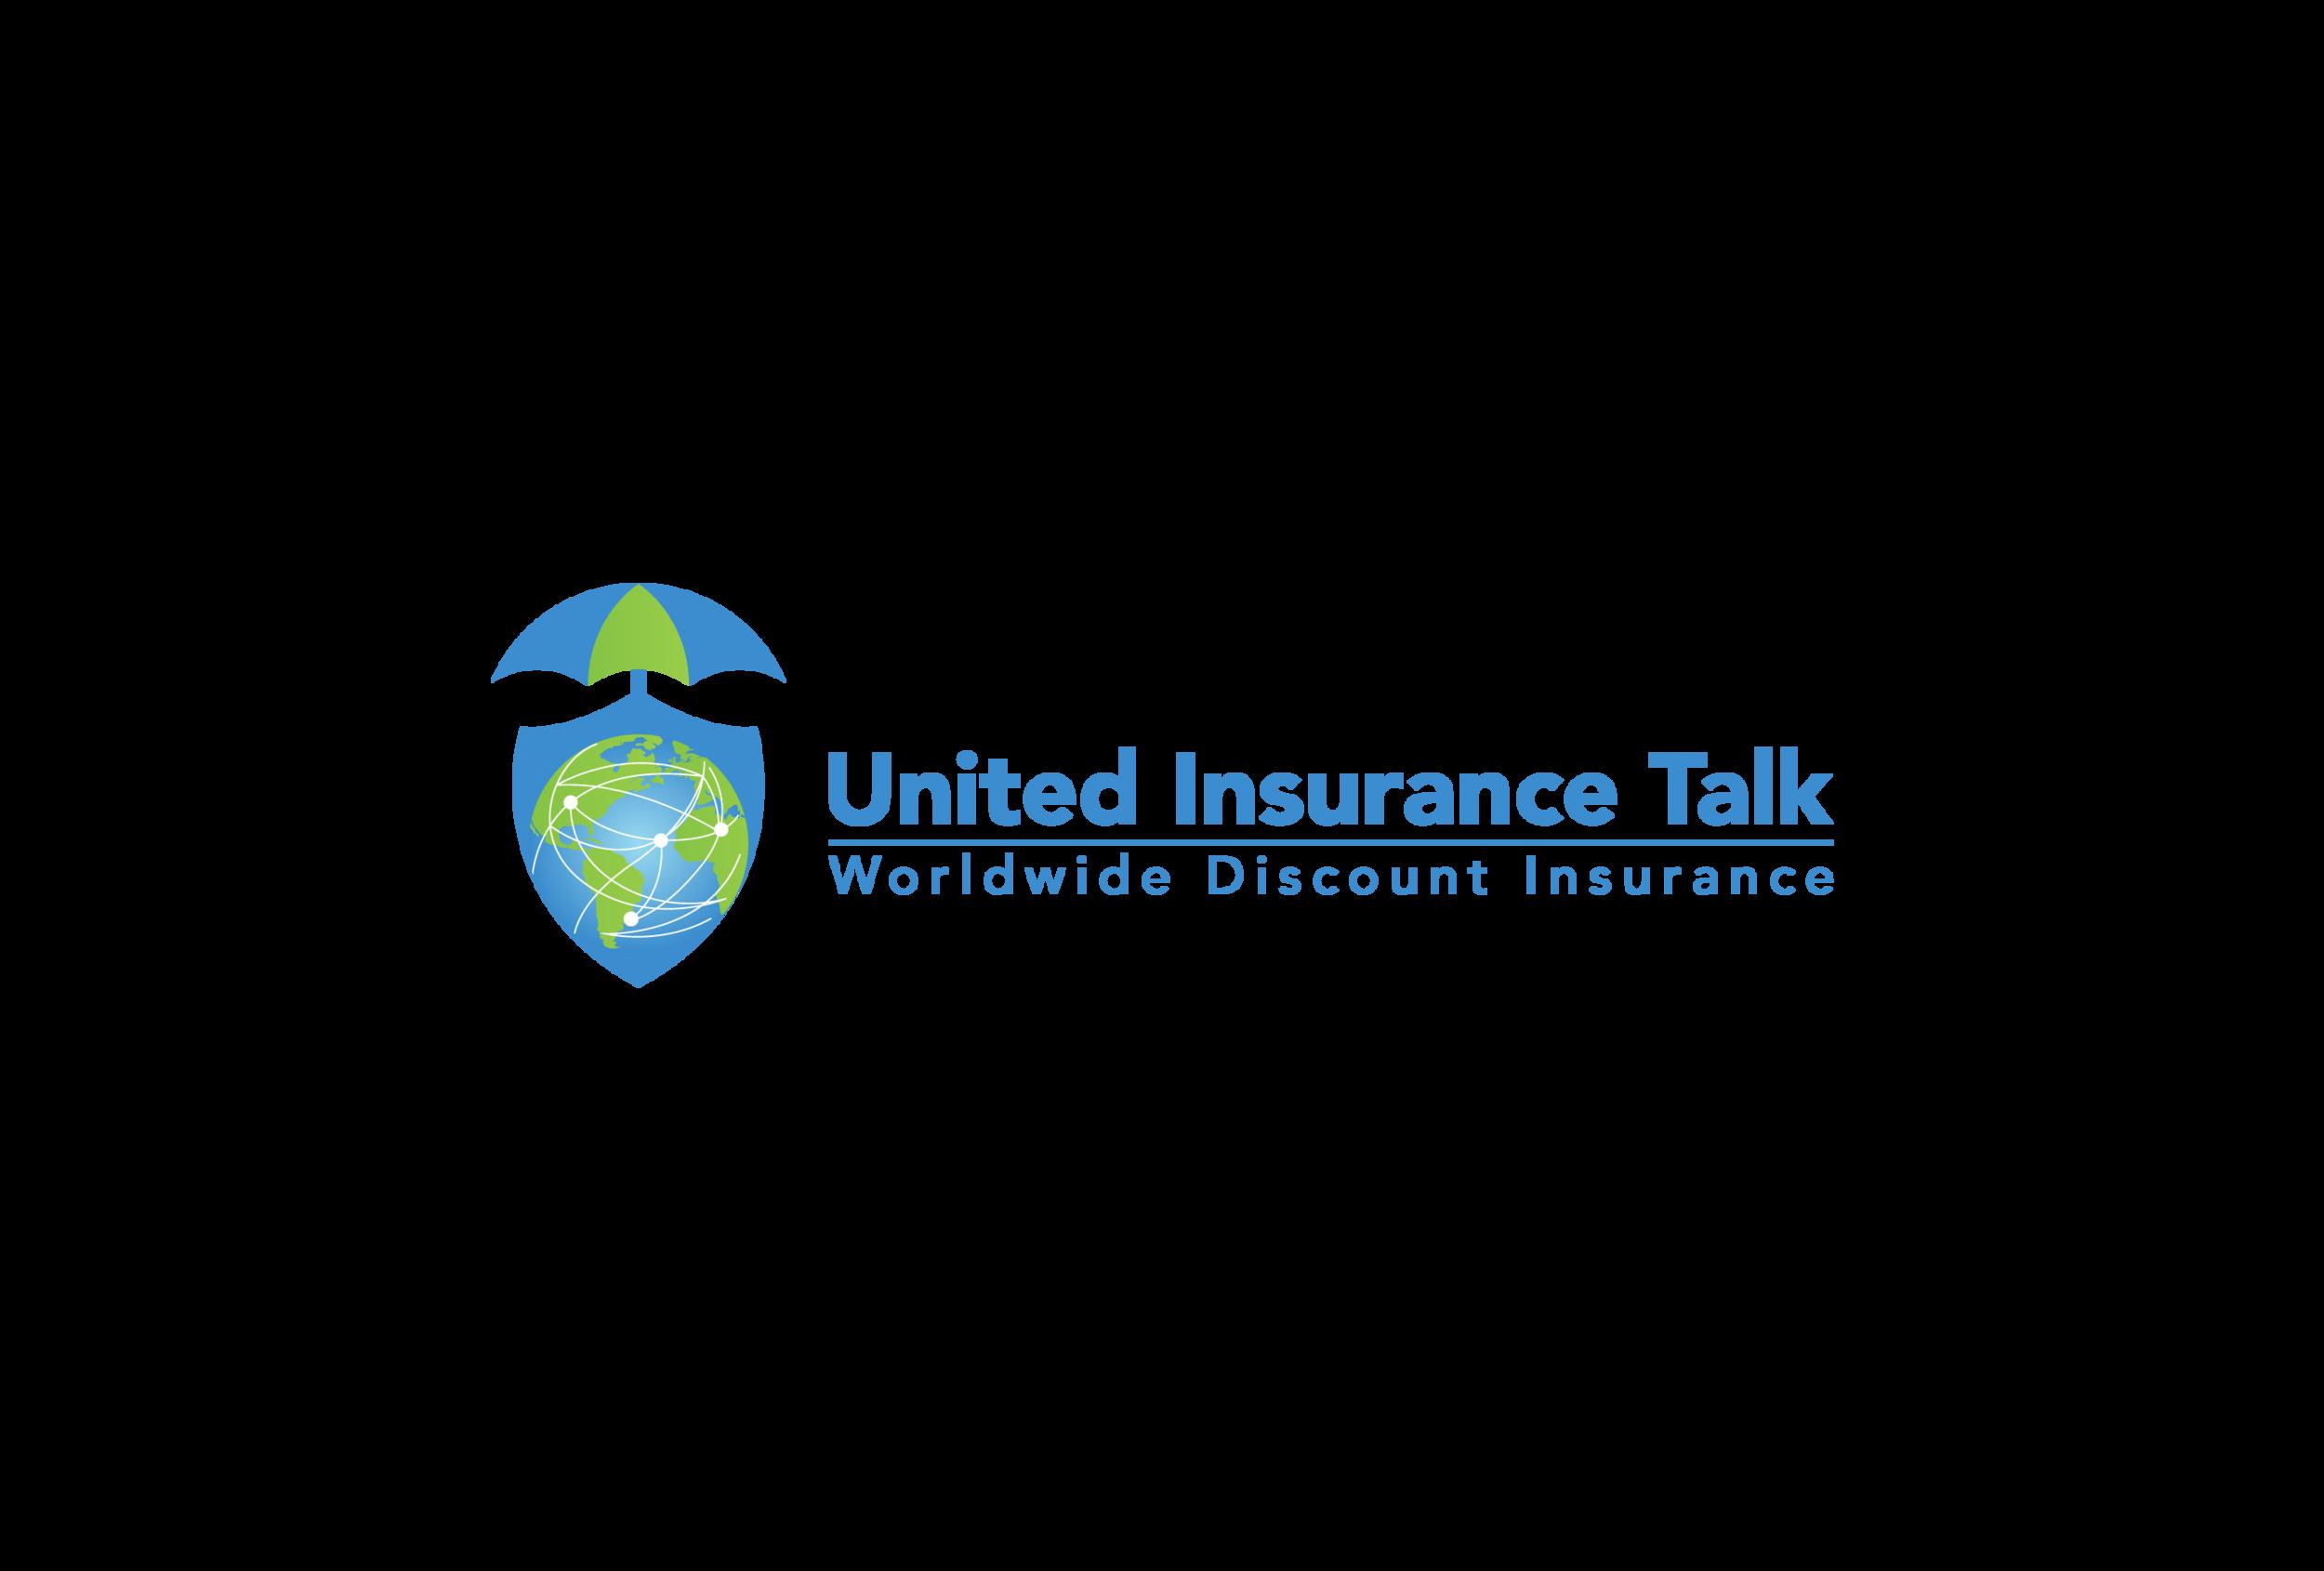 Insurance Talk